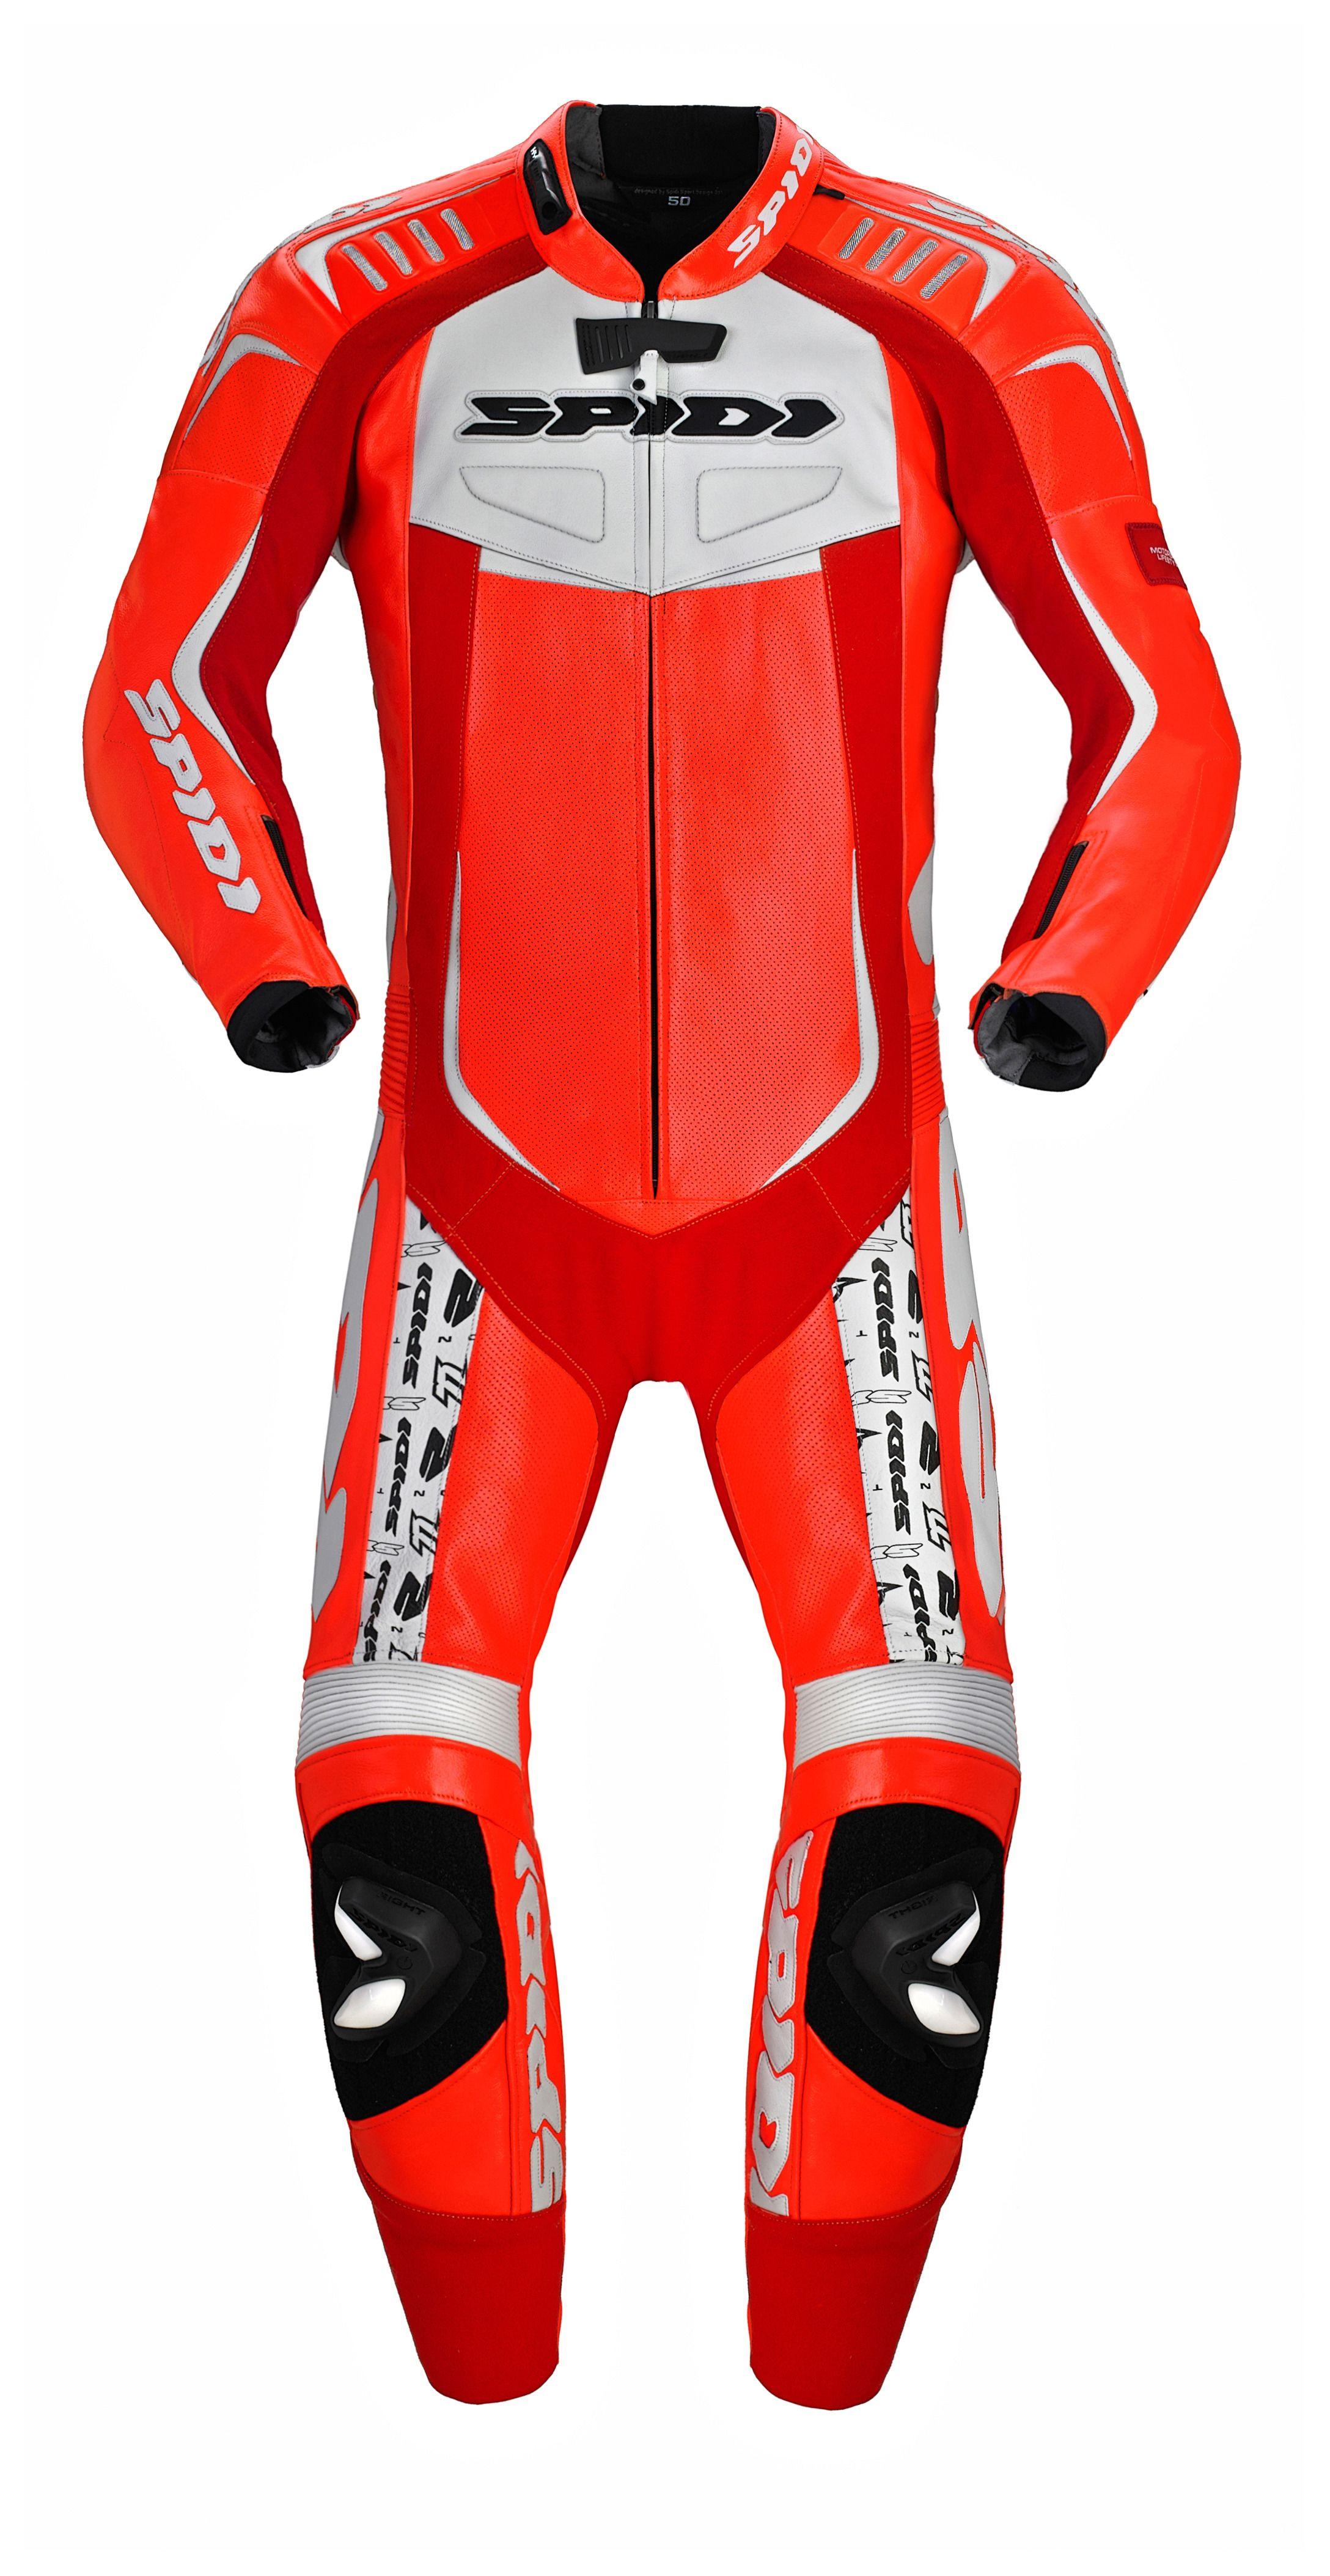 Ducati Leather Race Suit